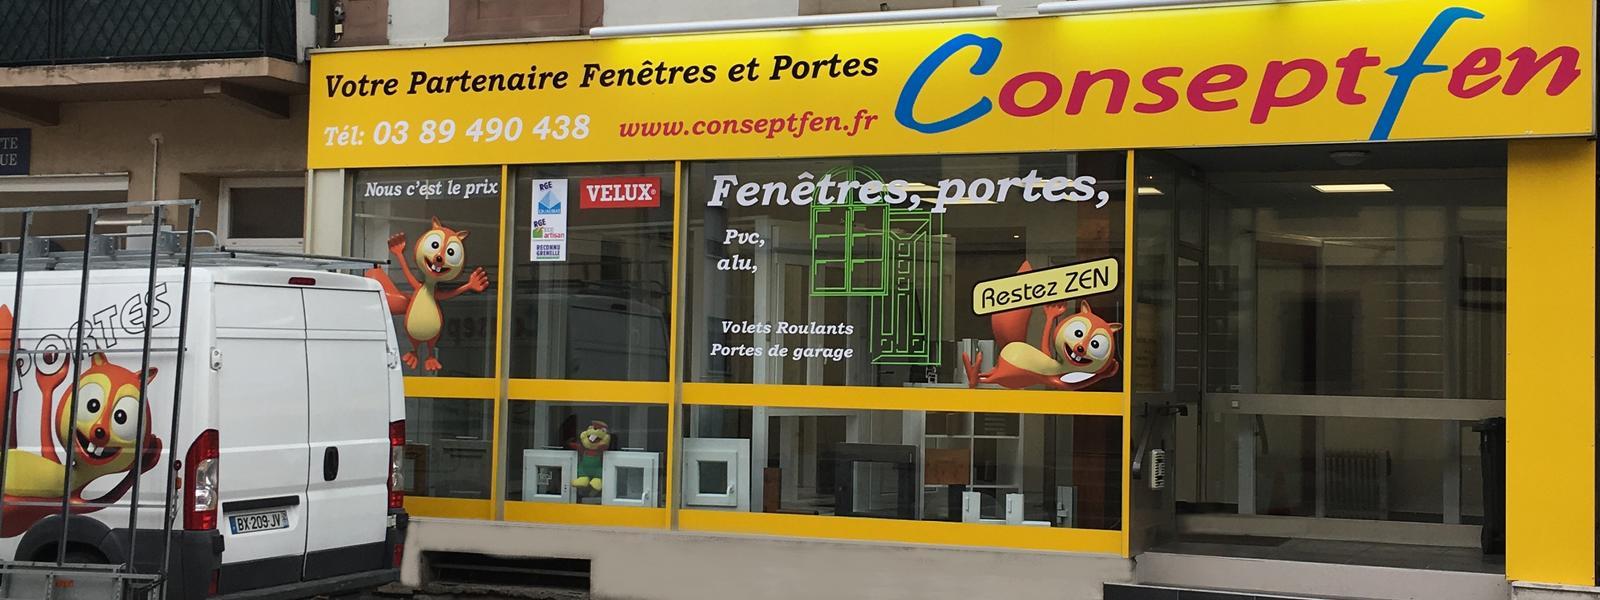 Conseptfen fenêtres Portes Portails à Horbourg Wihr